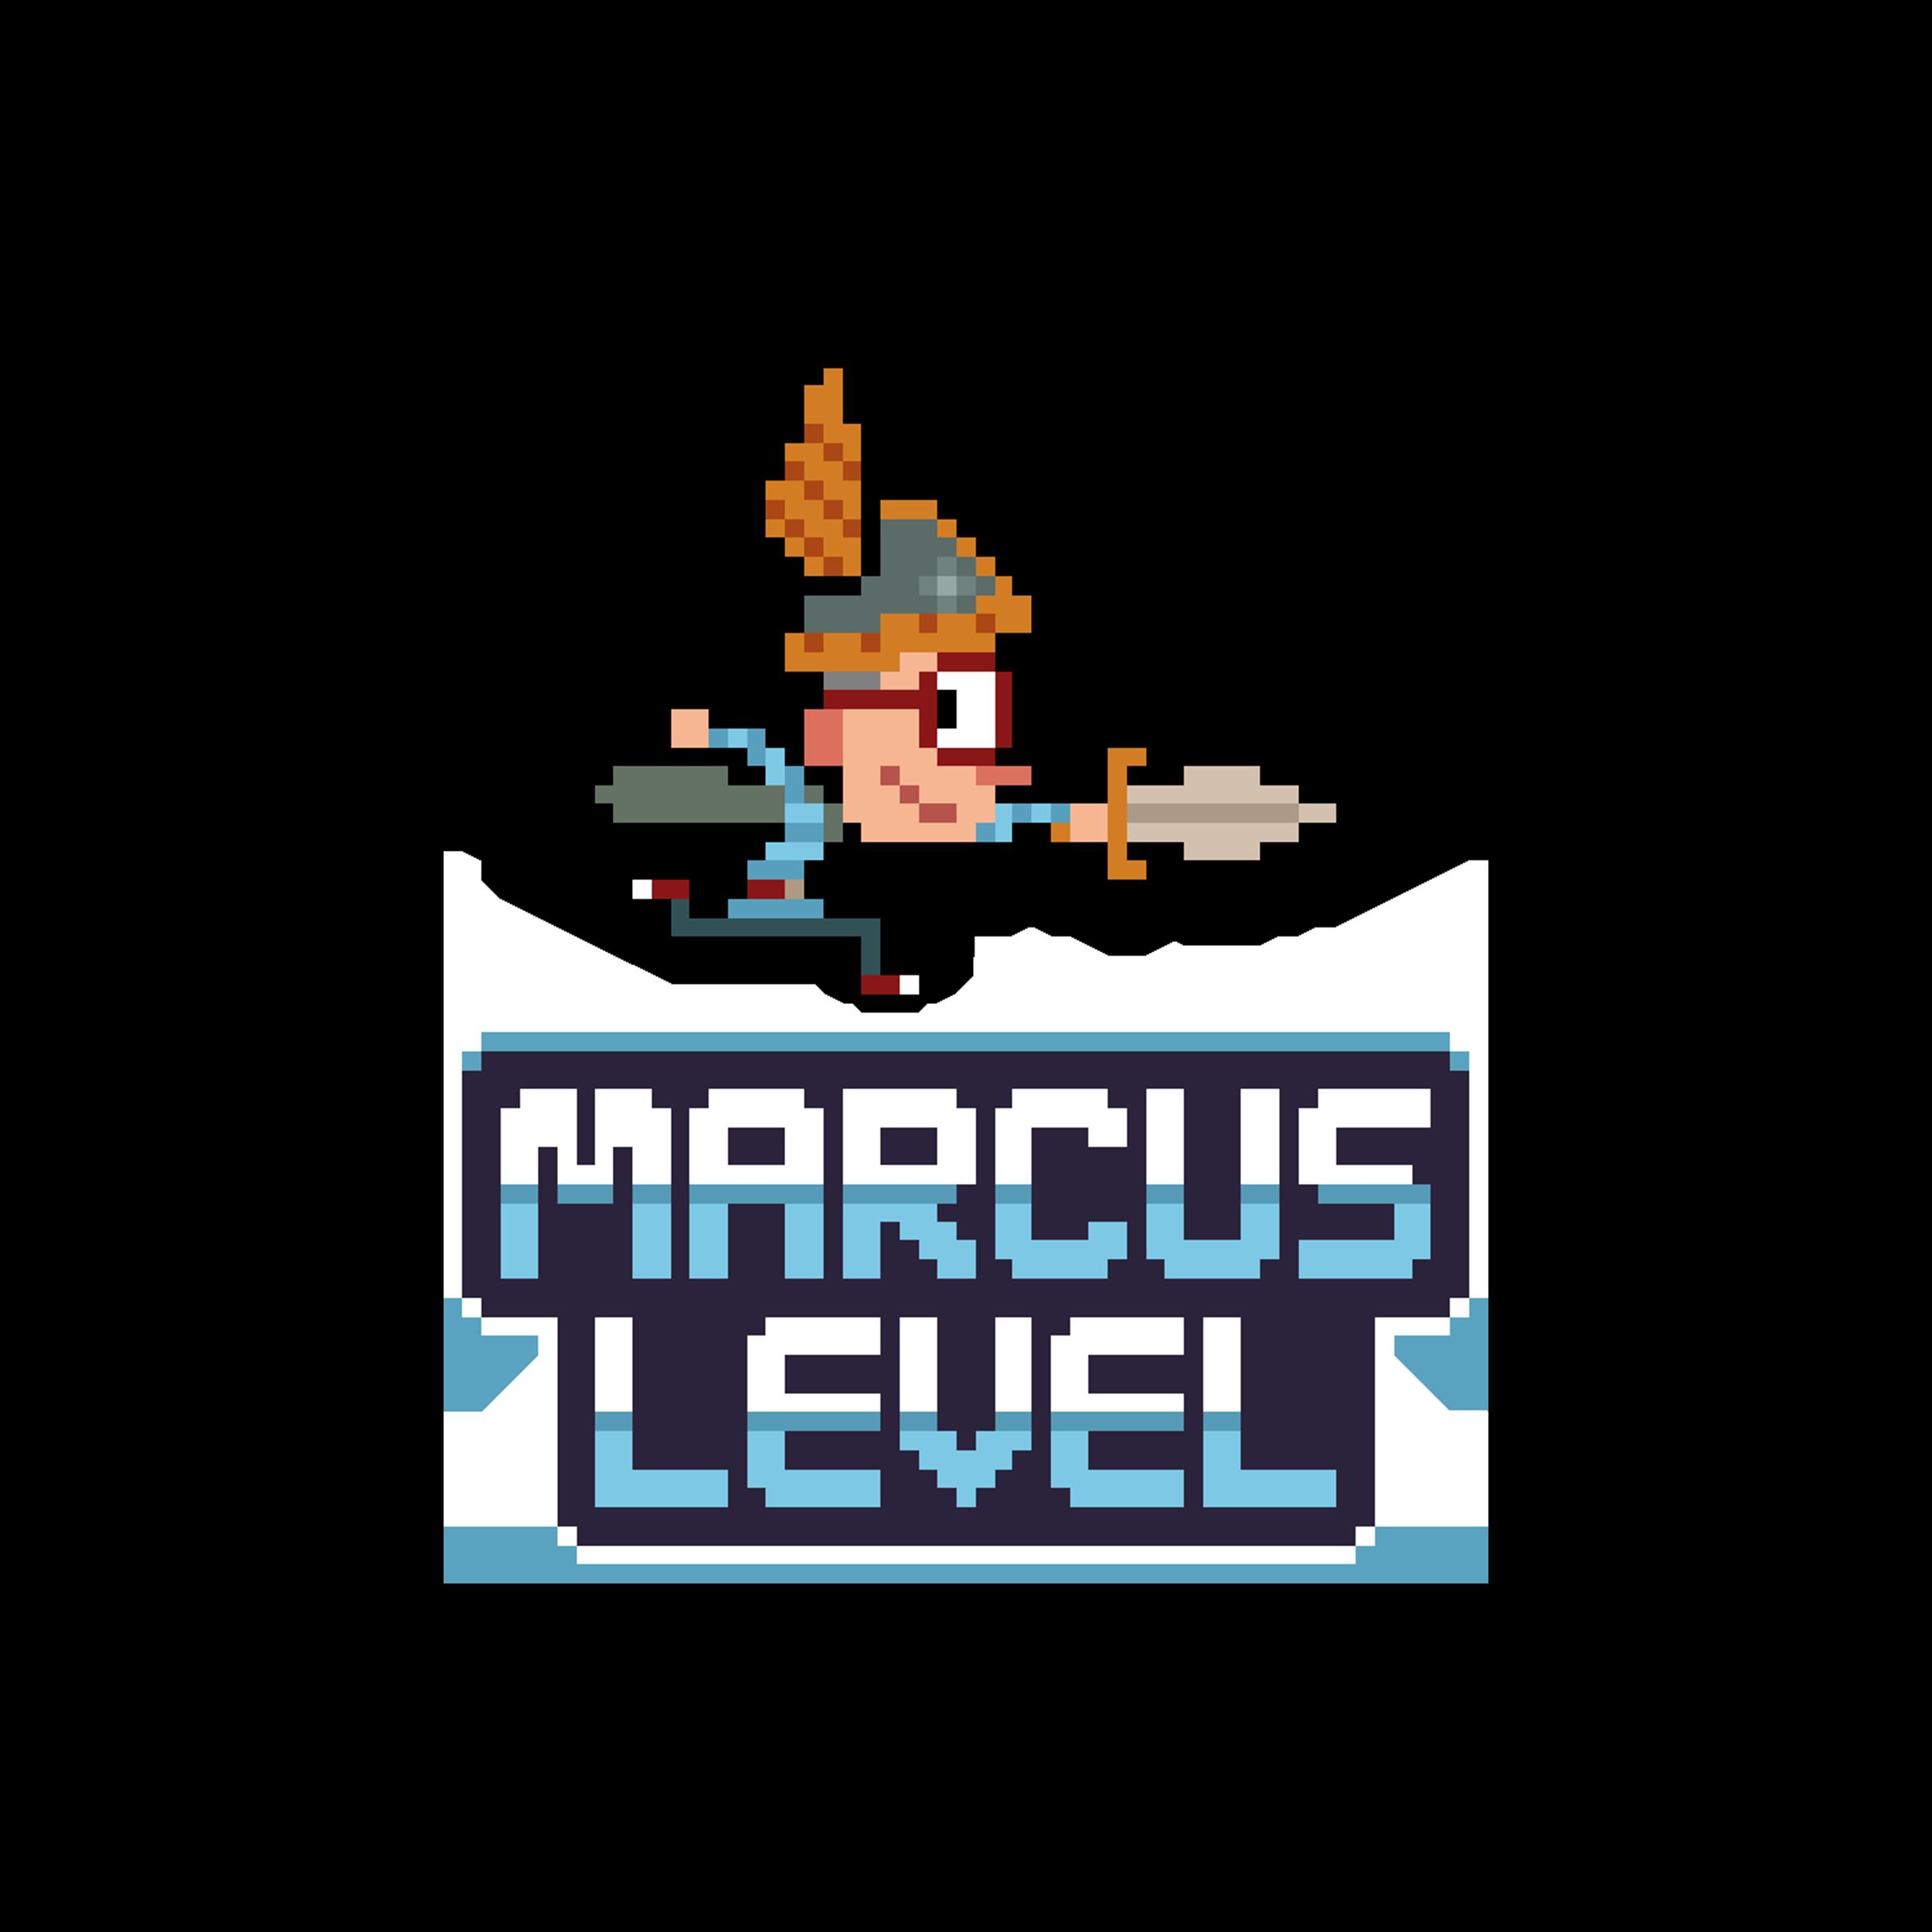 Marcus Level logo